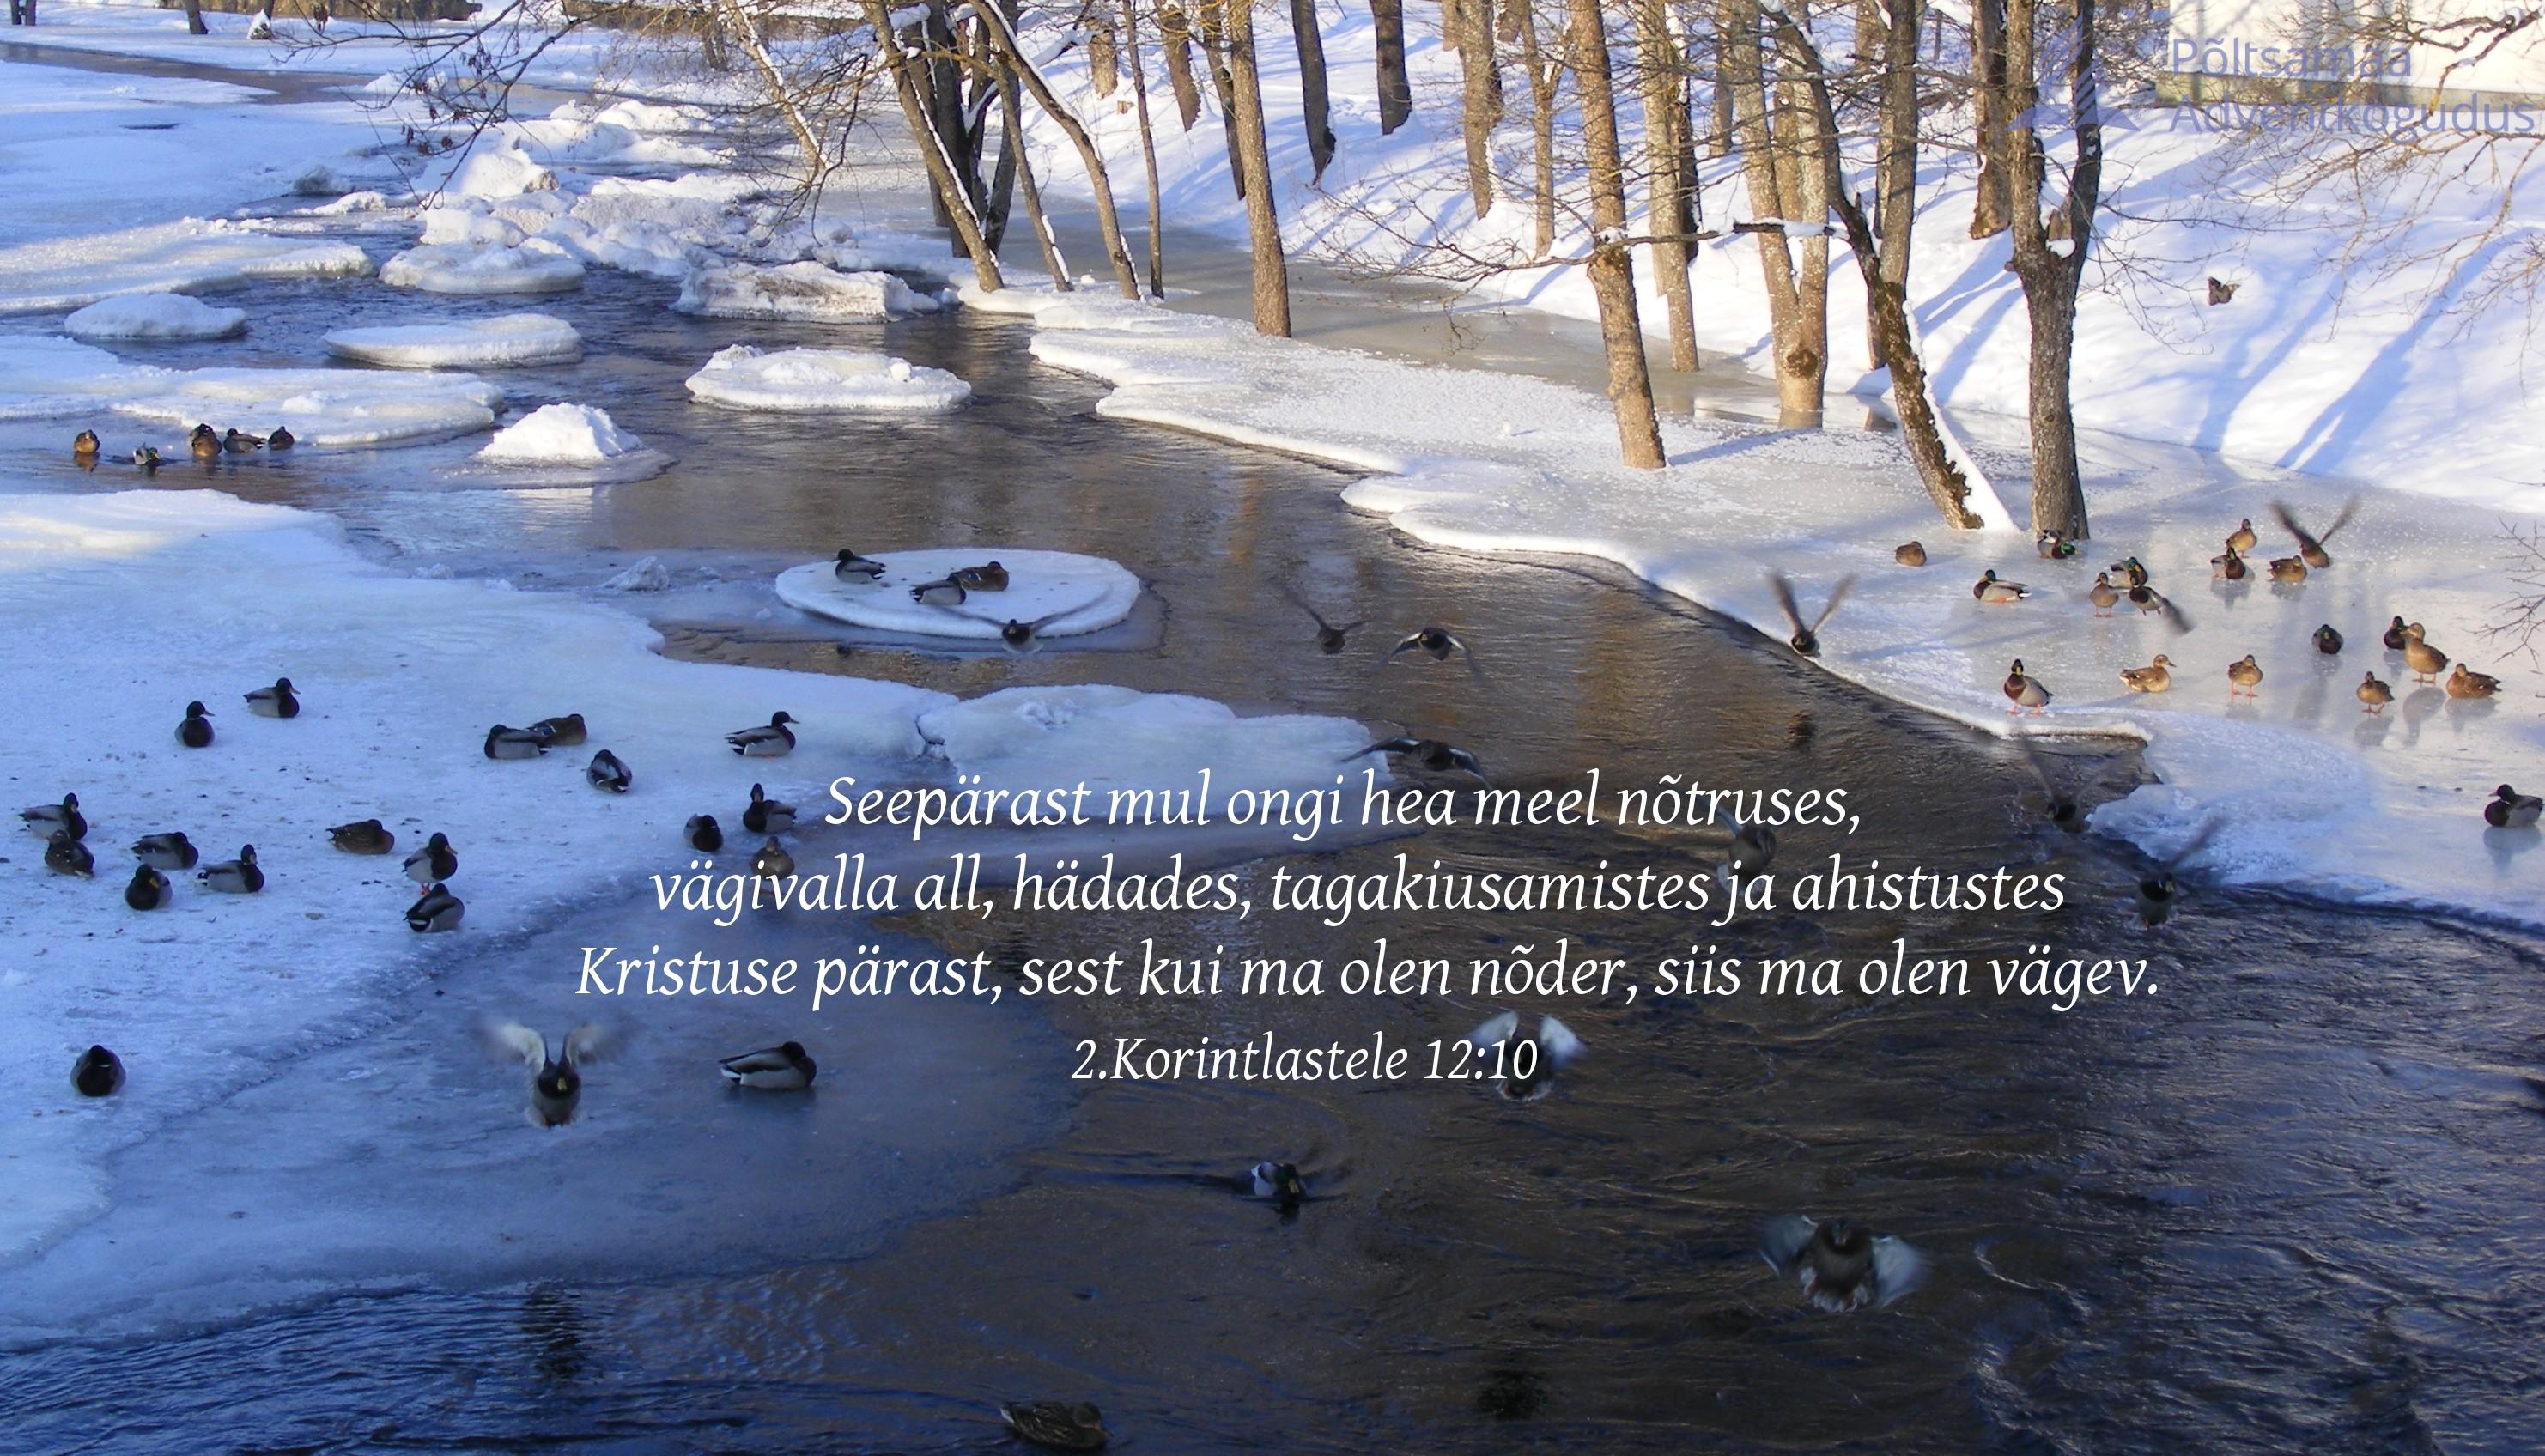 nõtruses Kristuse mäejutlus   õnn on olla tagakiusatud?